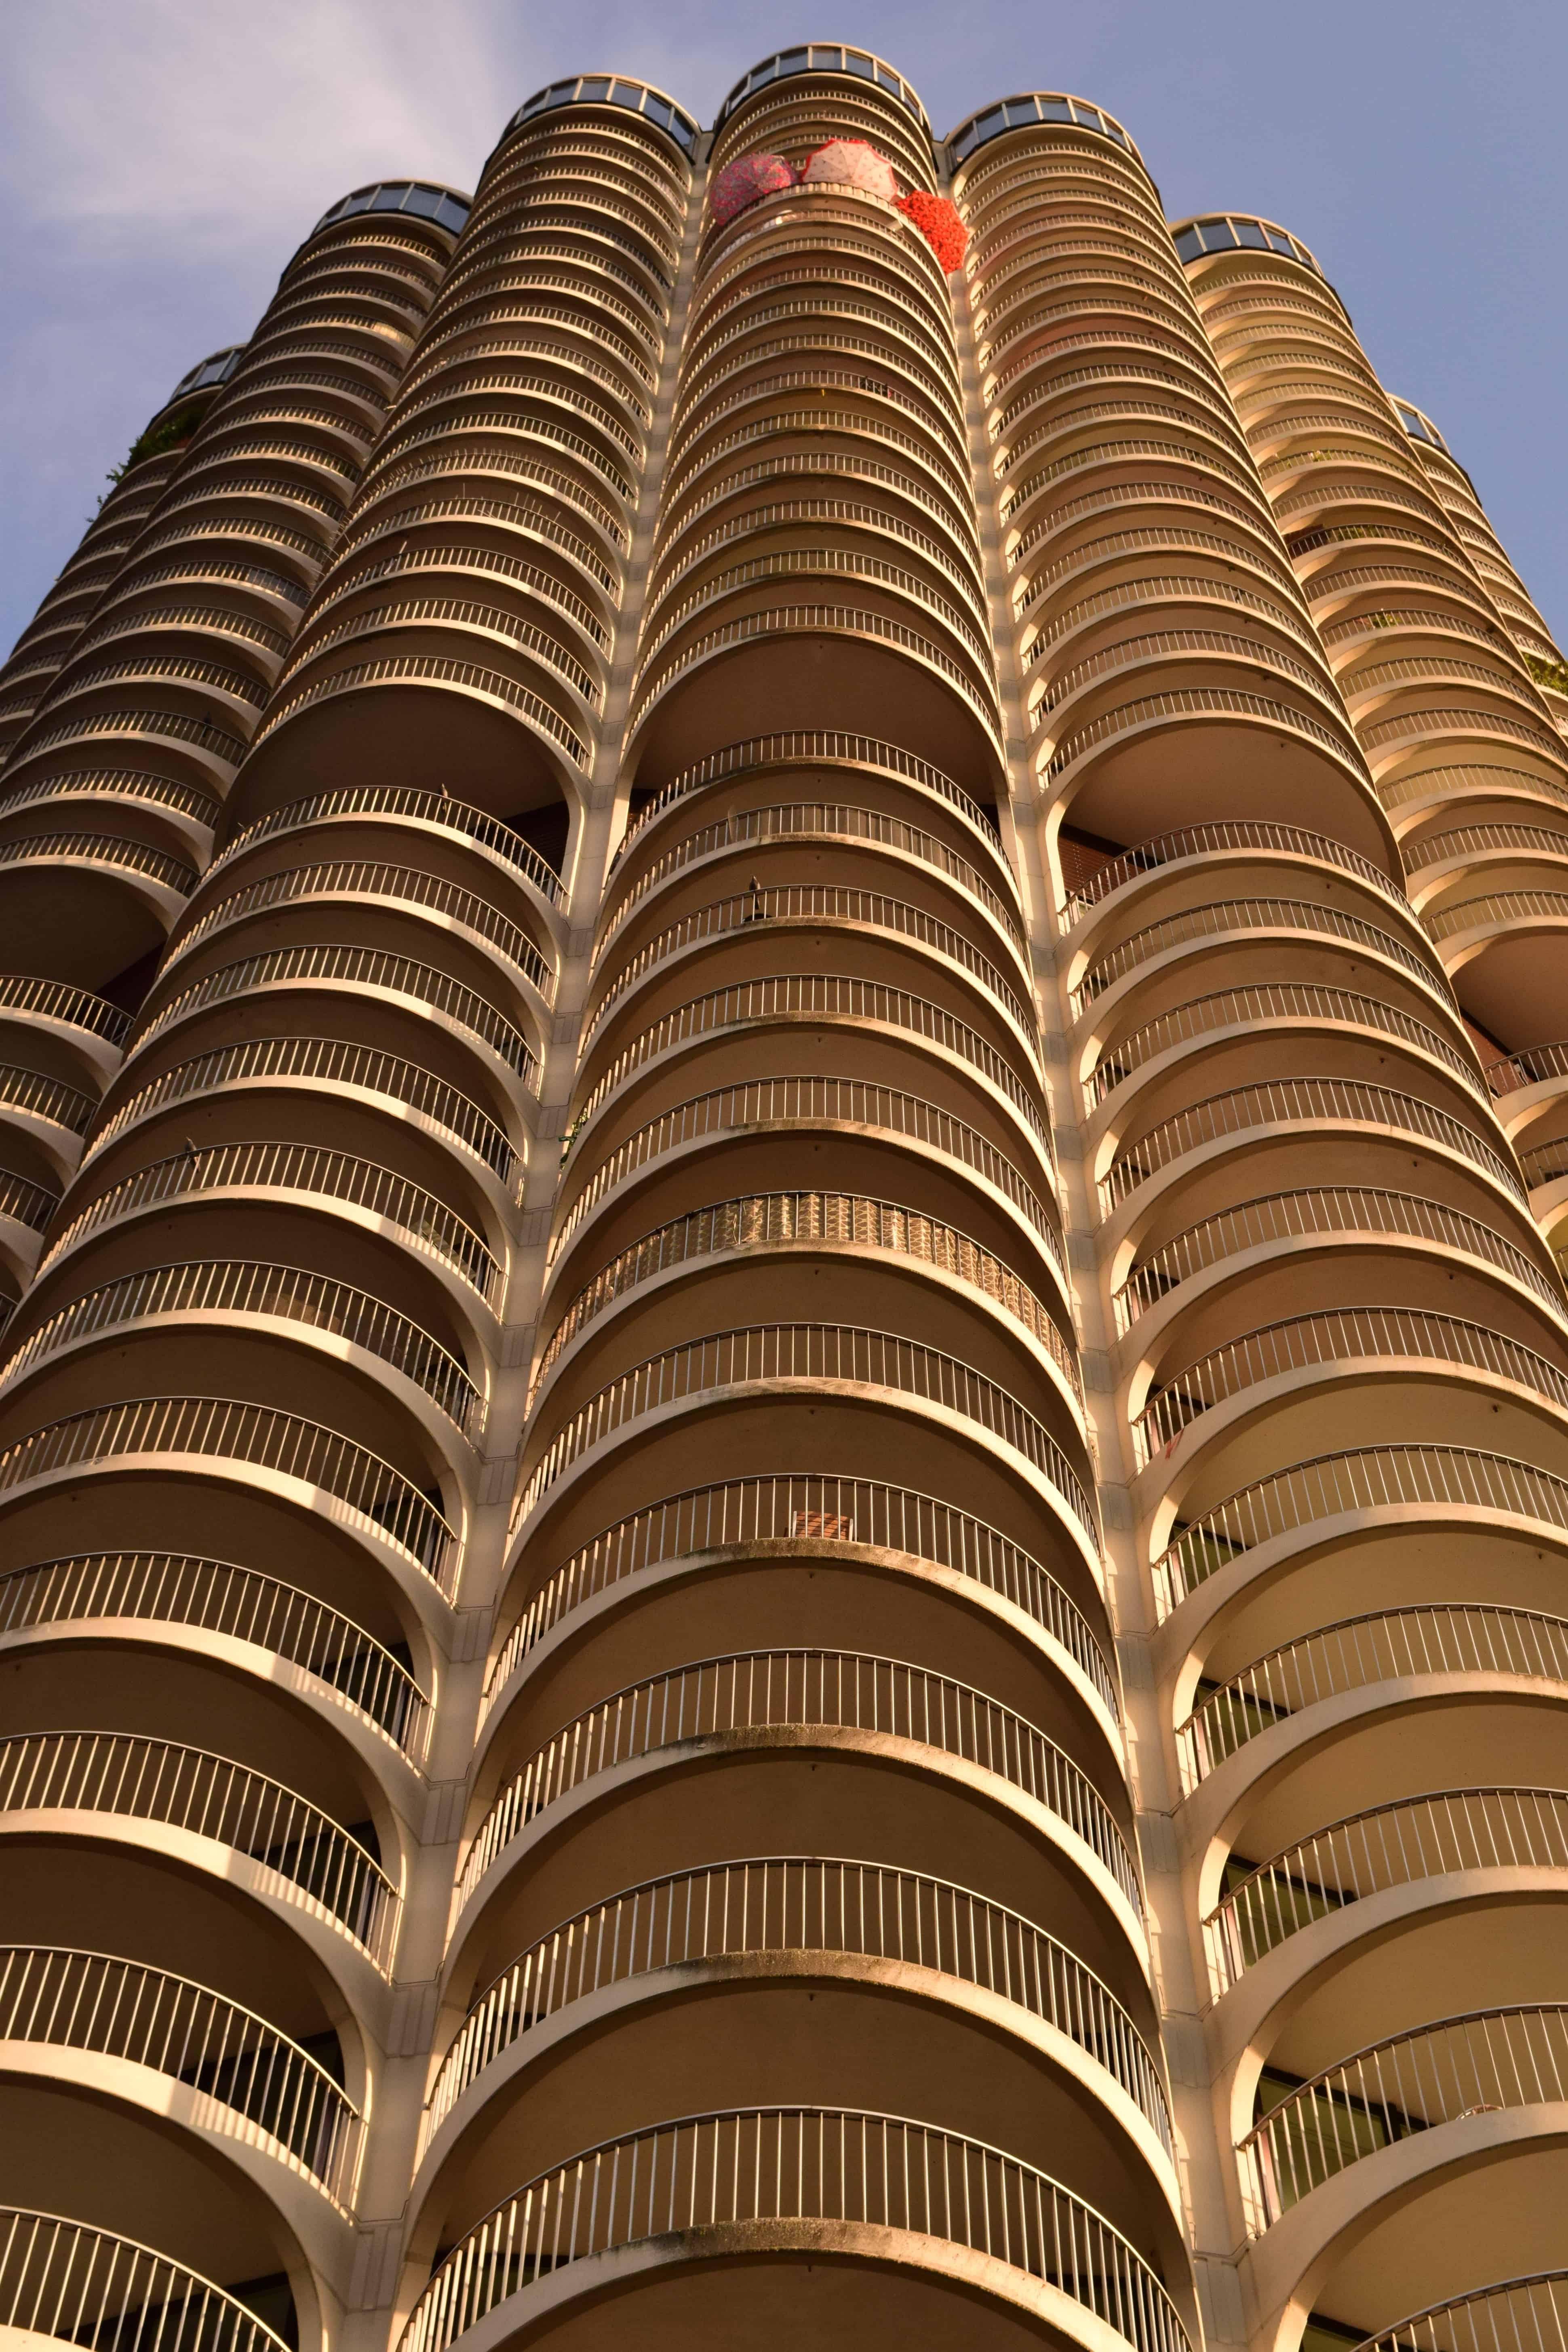 Architektur Fassade kostenlose bild tower gebäude fassade fassade terrasse